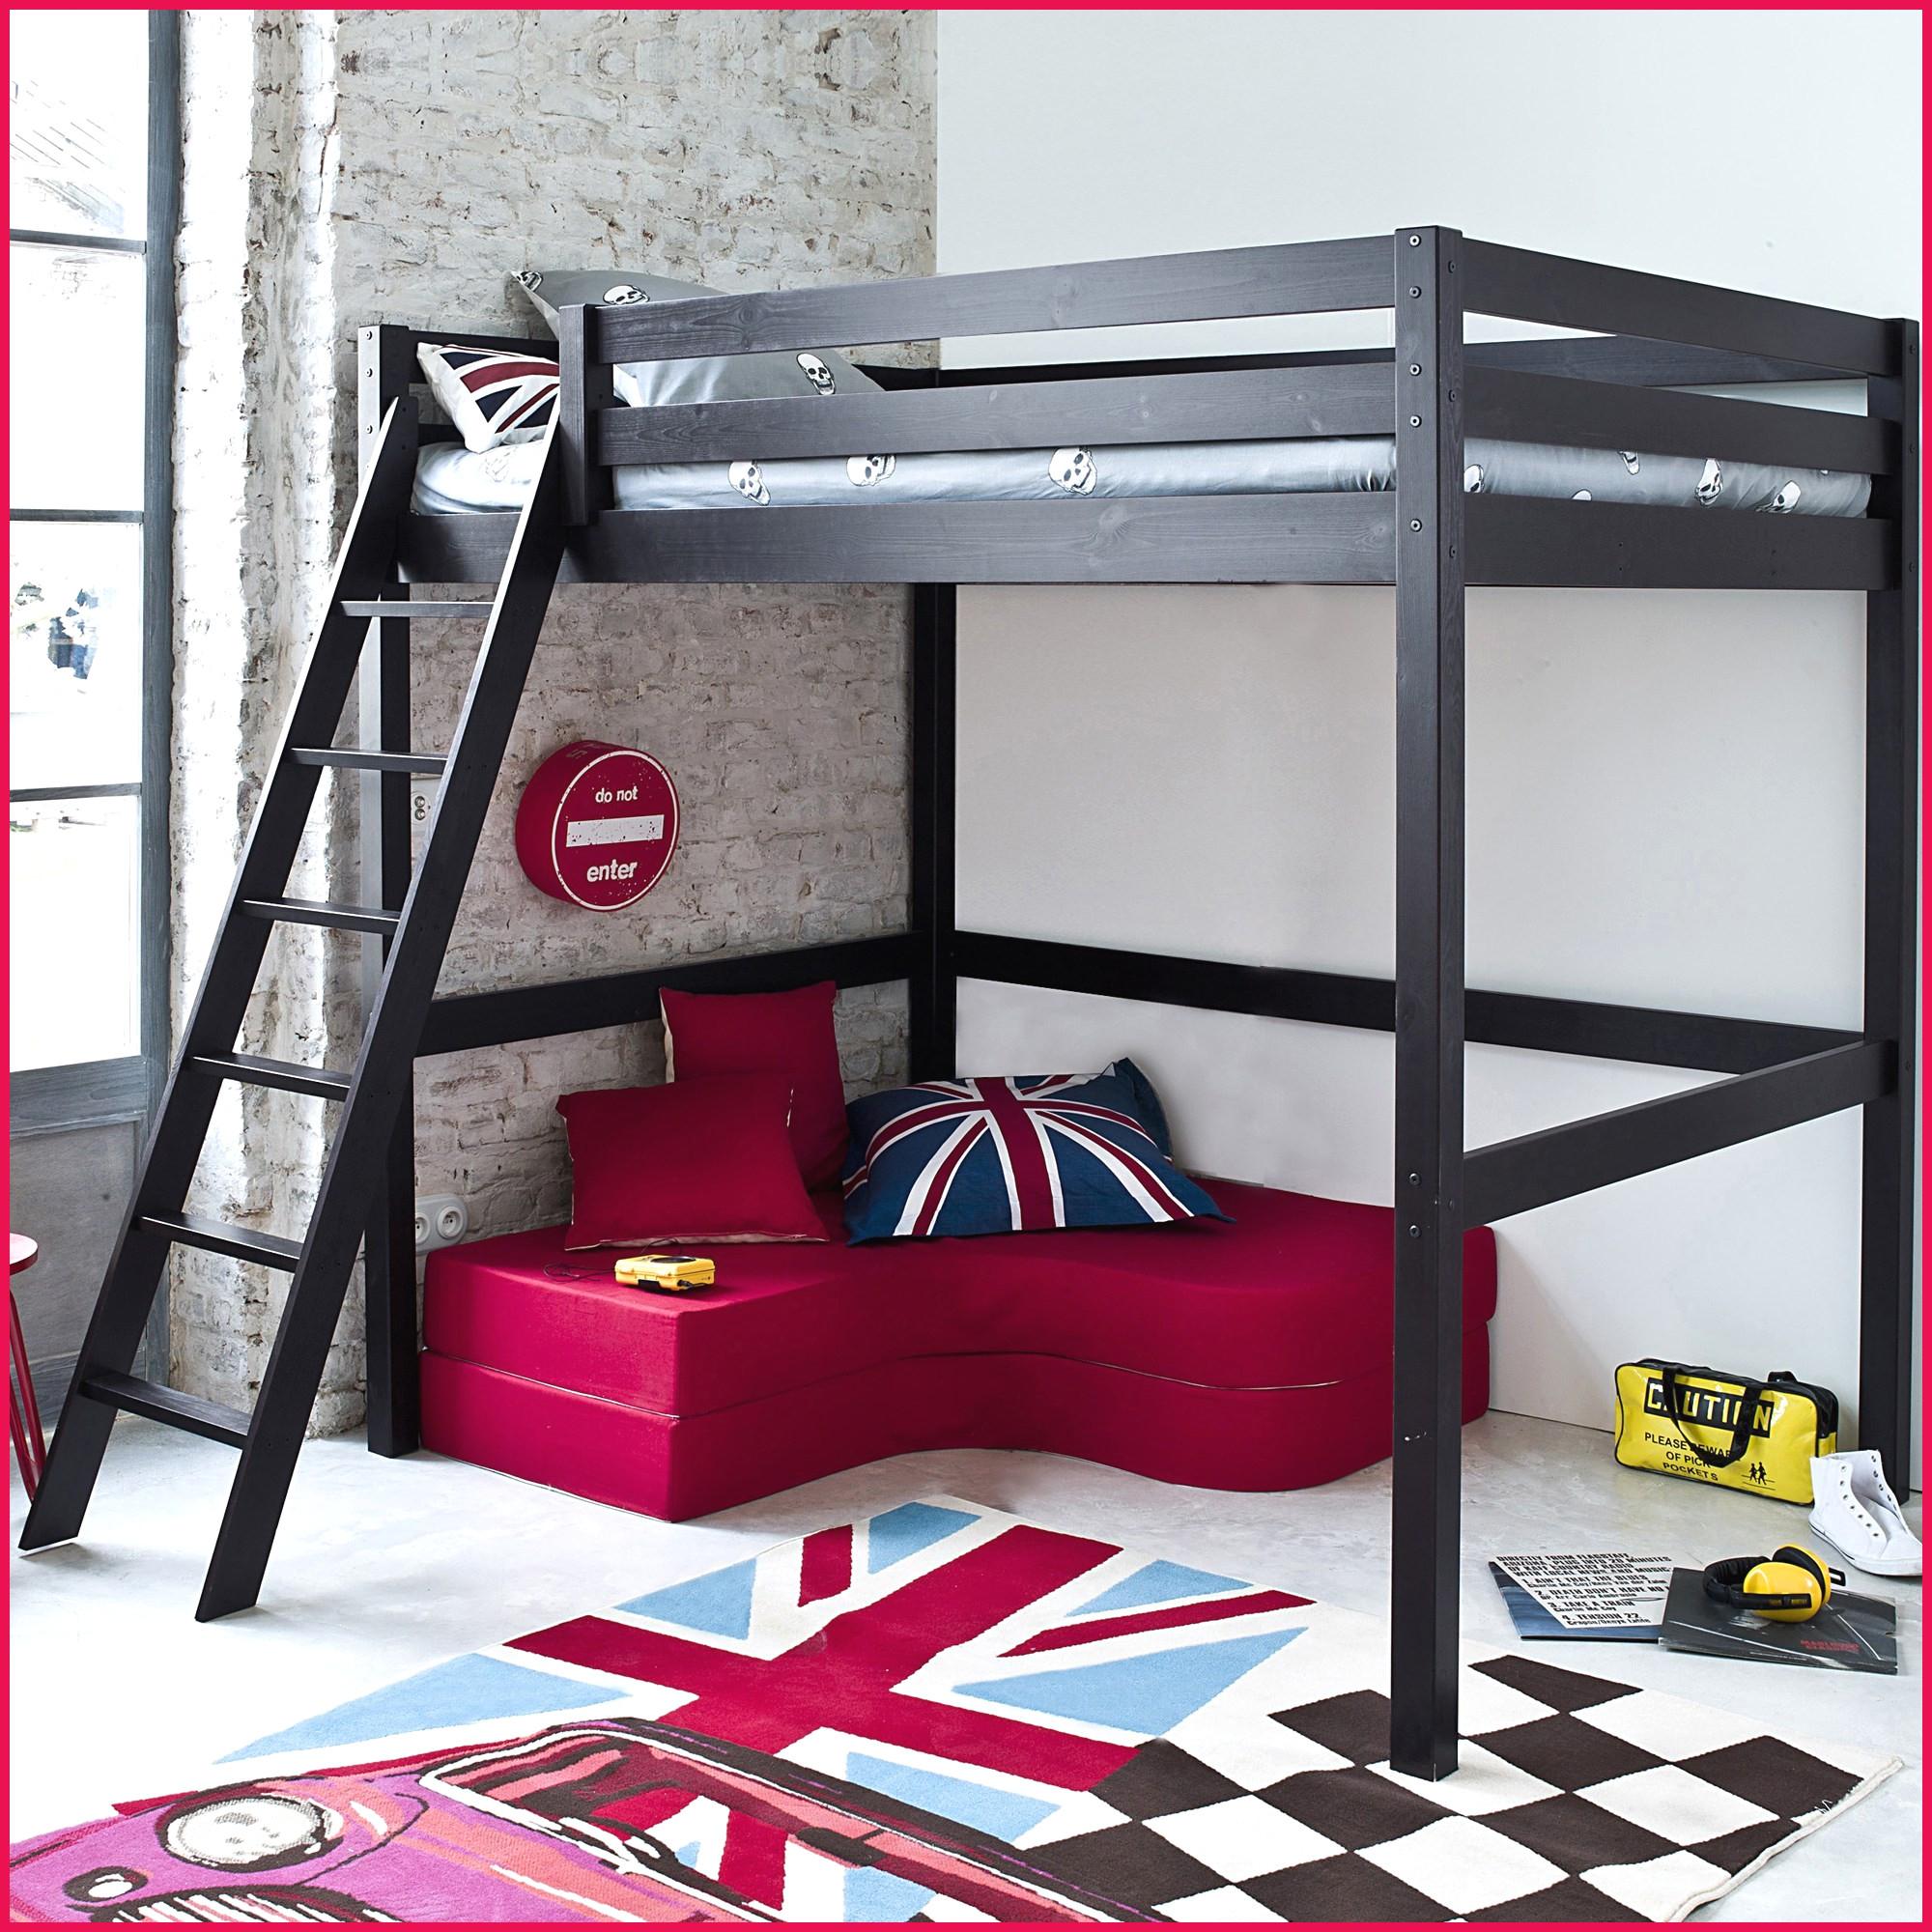 Lit Canapé Escamotable Ikea Impressionnant Images Article with Tag Linge De Lit Blanc Des Vosges